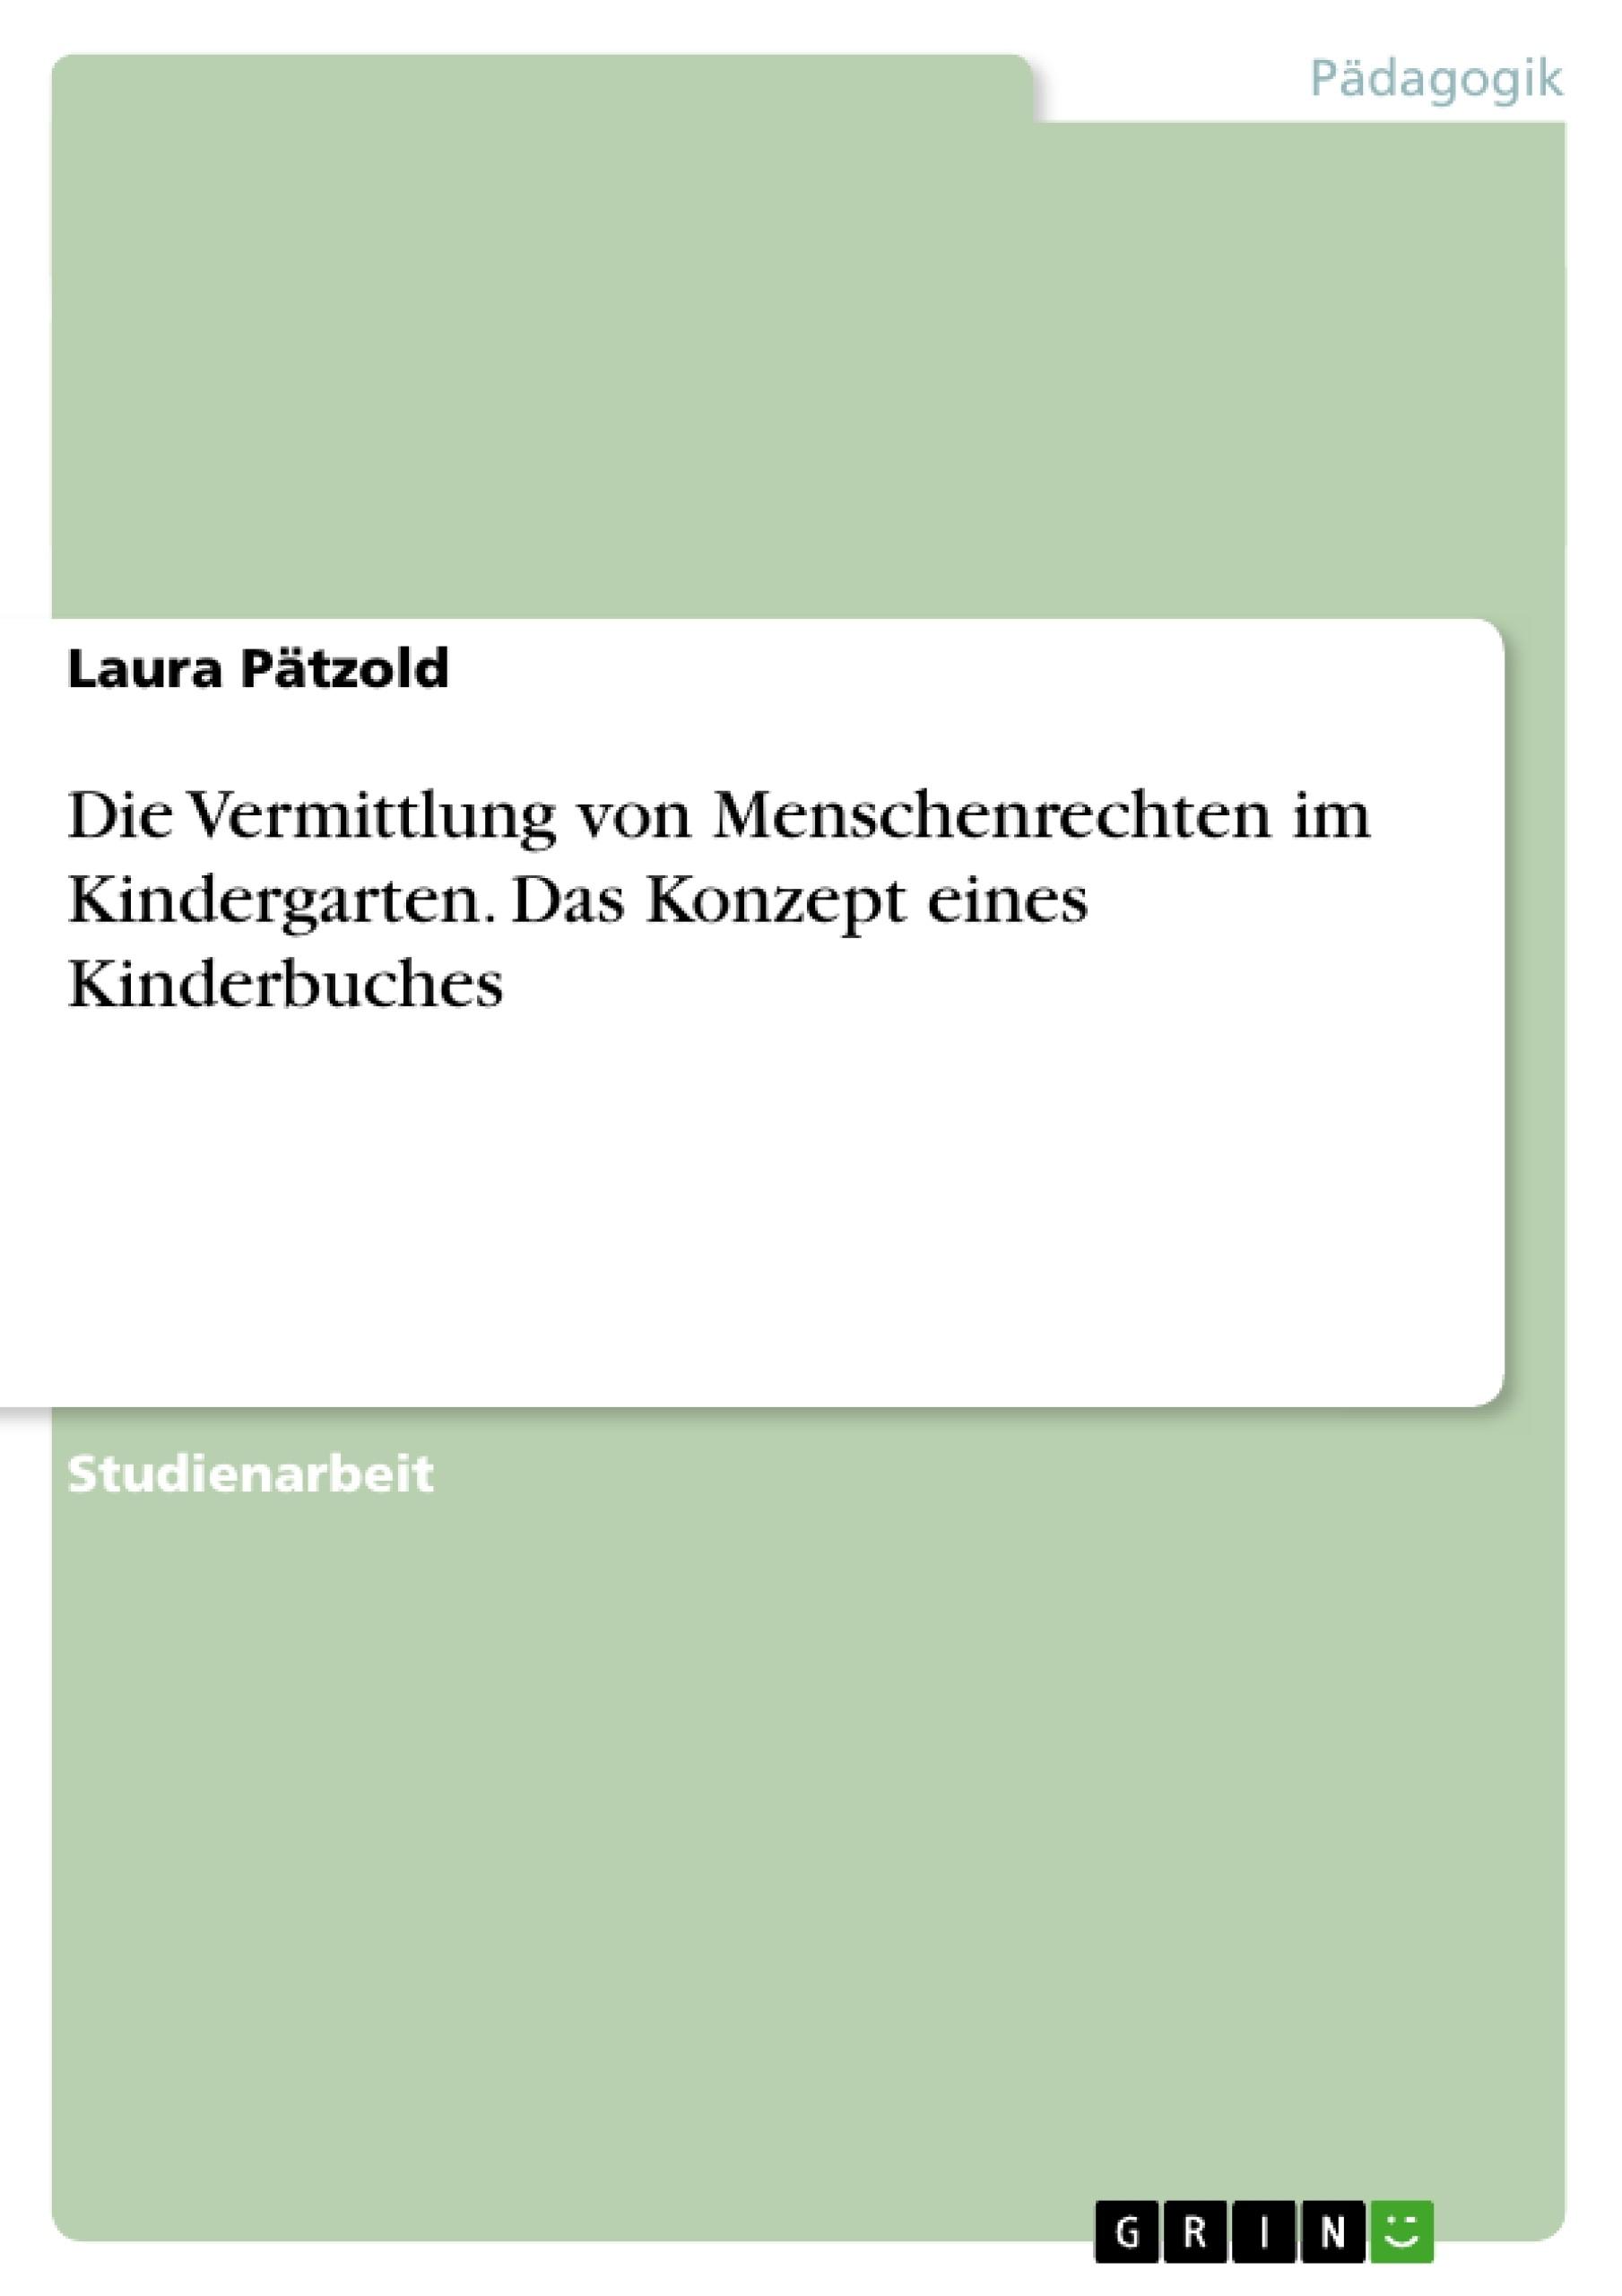 Titel: Die Vermittlung von Menschenrechten im Kindergarten. Das Konzept eines Kinderbuches